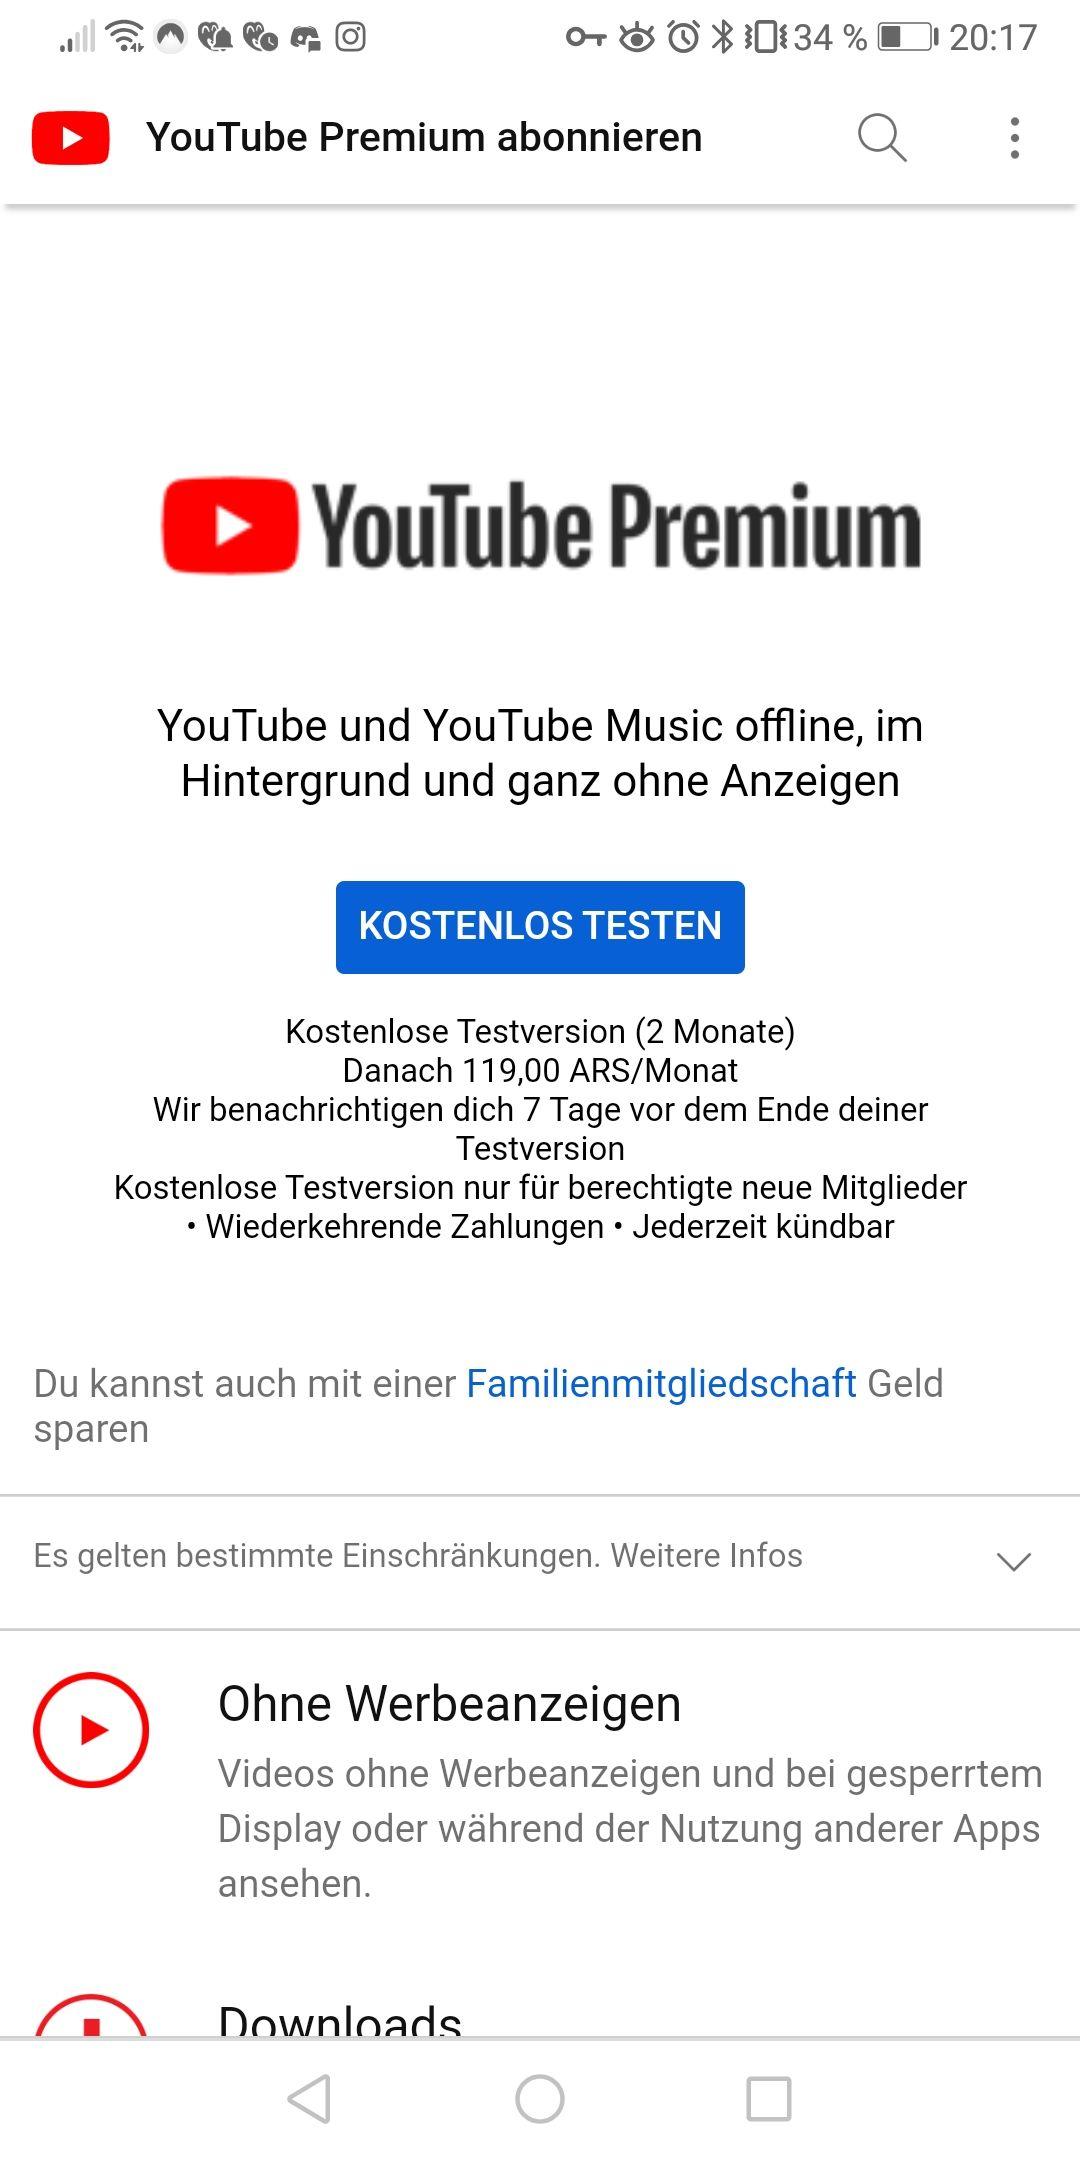 Youtube Premium durch VPN für 1.11€ (Argentinien)